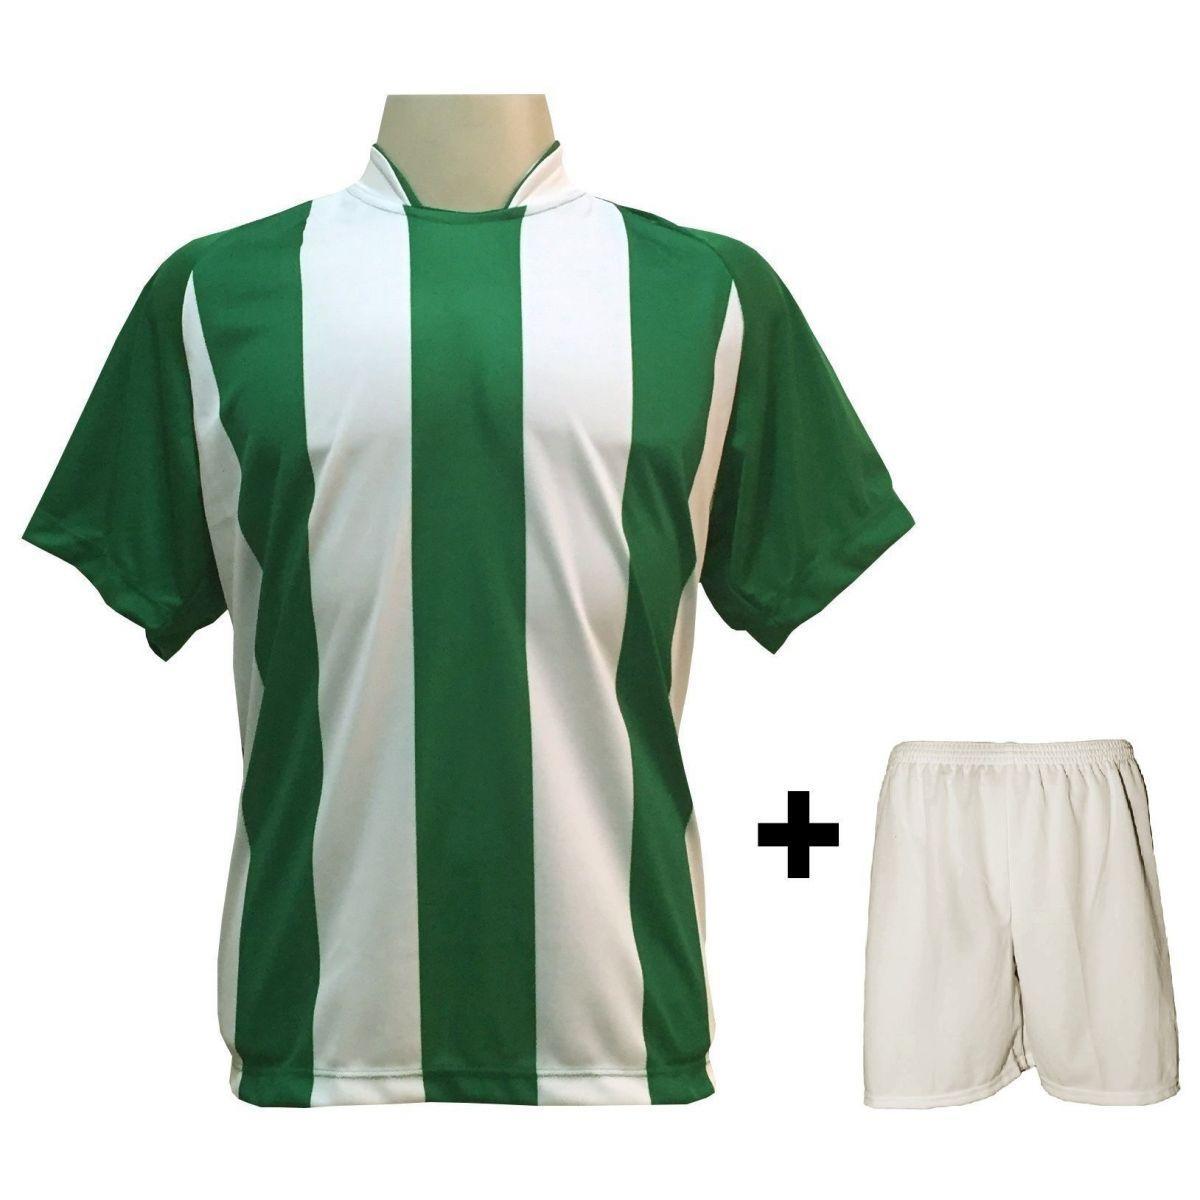 Uniforme Esportivo com 12 Camisas modelo Milan Verde Branco + 12 Calções  modelo Madrid Branco - Play fair - Futebol - Magazine Luiza 7caac6b2e1bfb